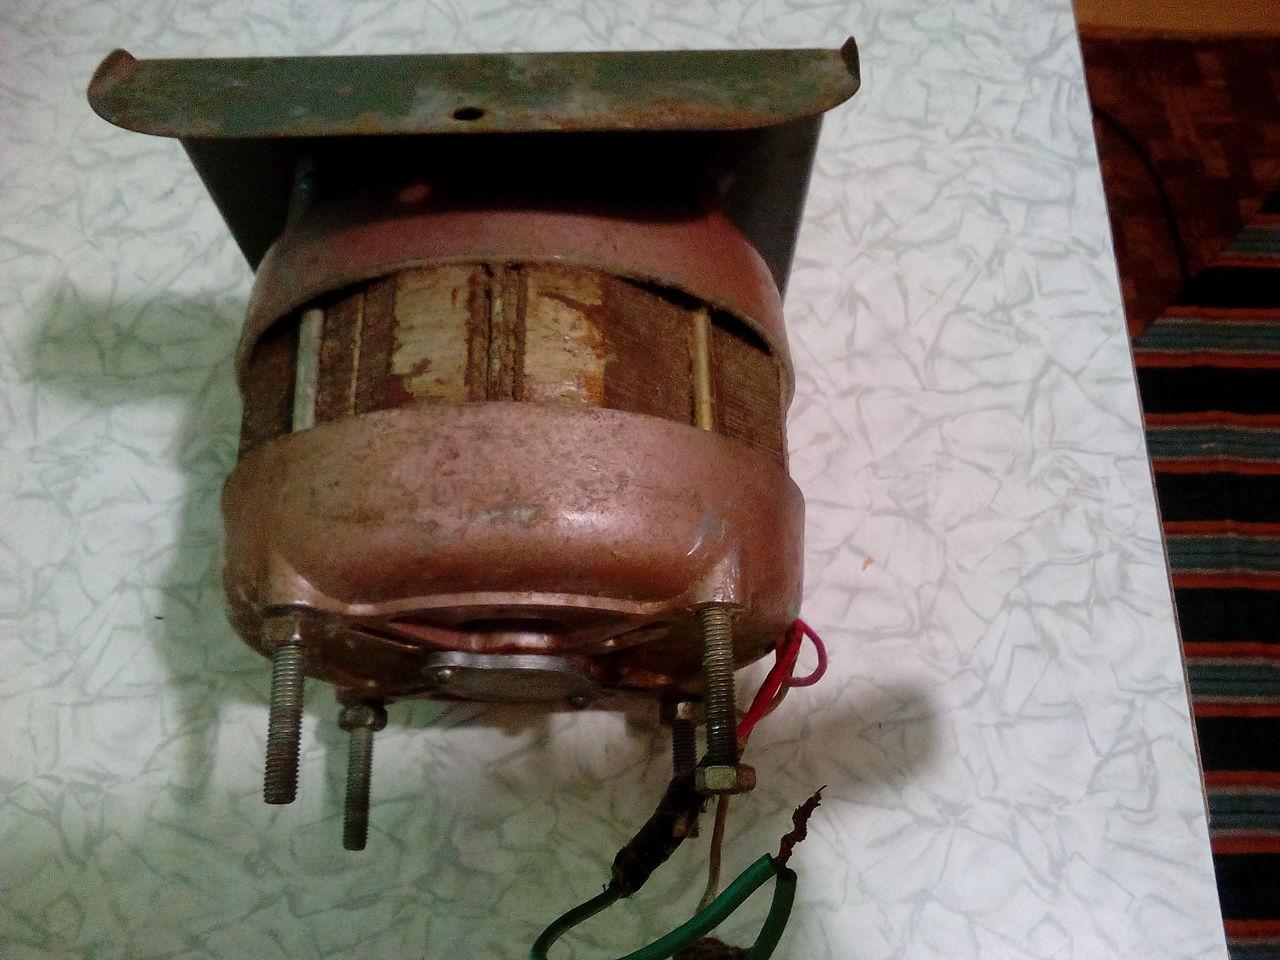 колебаний курса стиральная машина двигатель от риги 17 организации здравоохранения (при